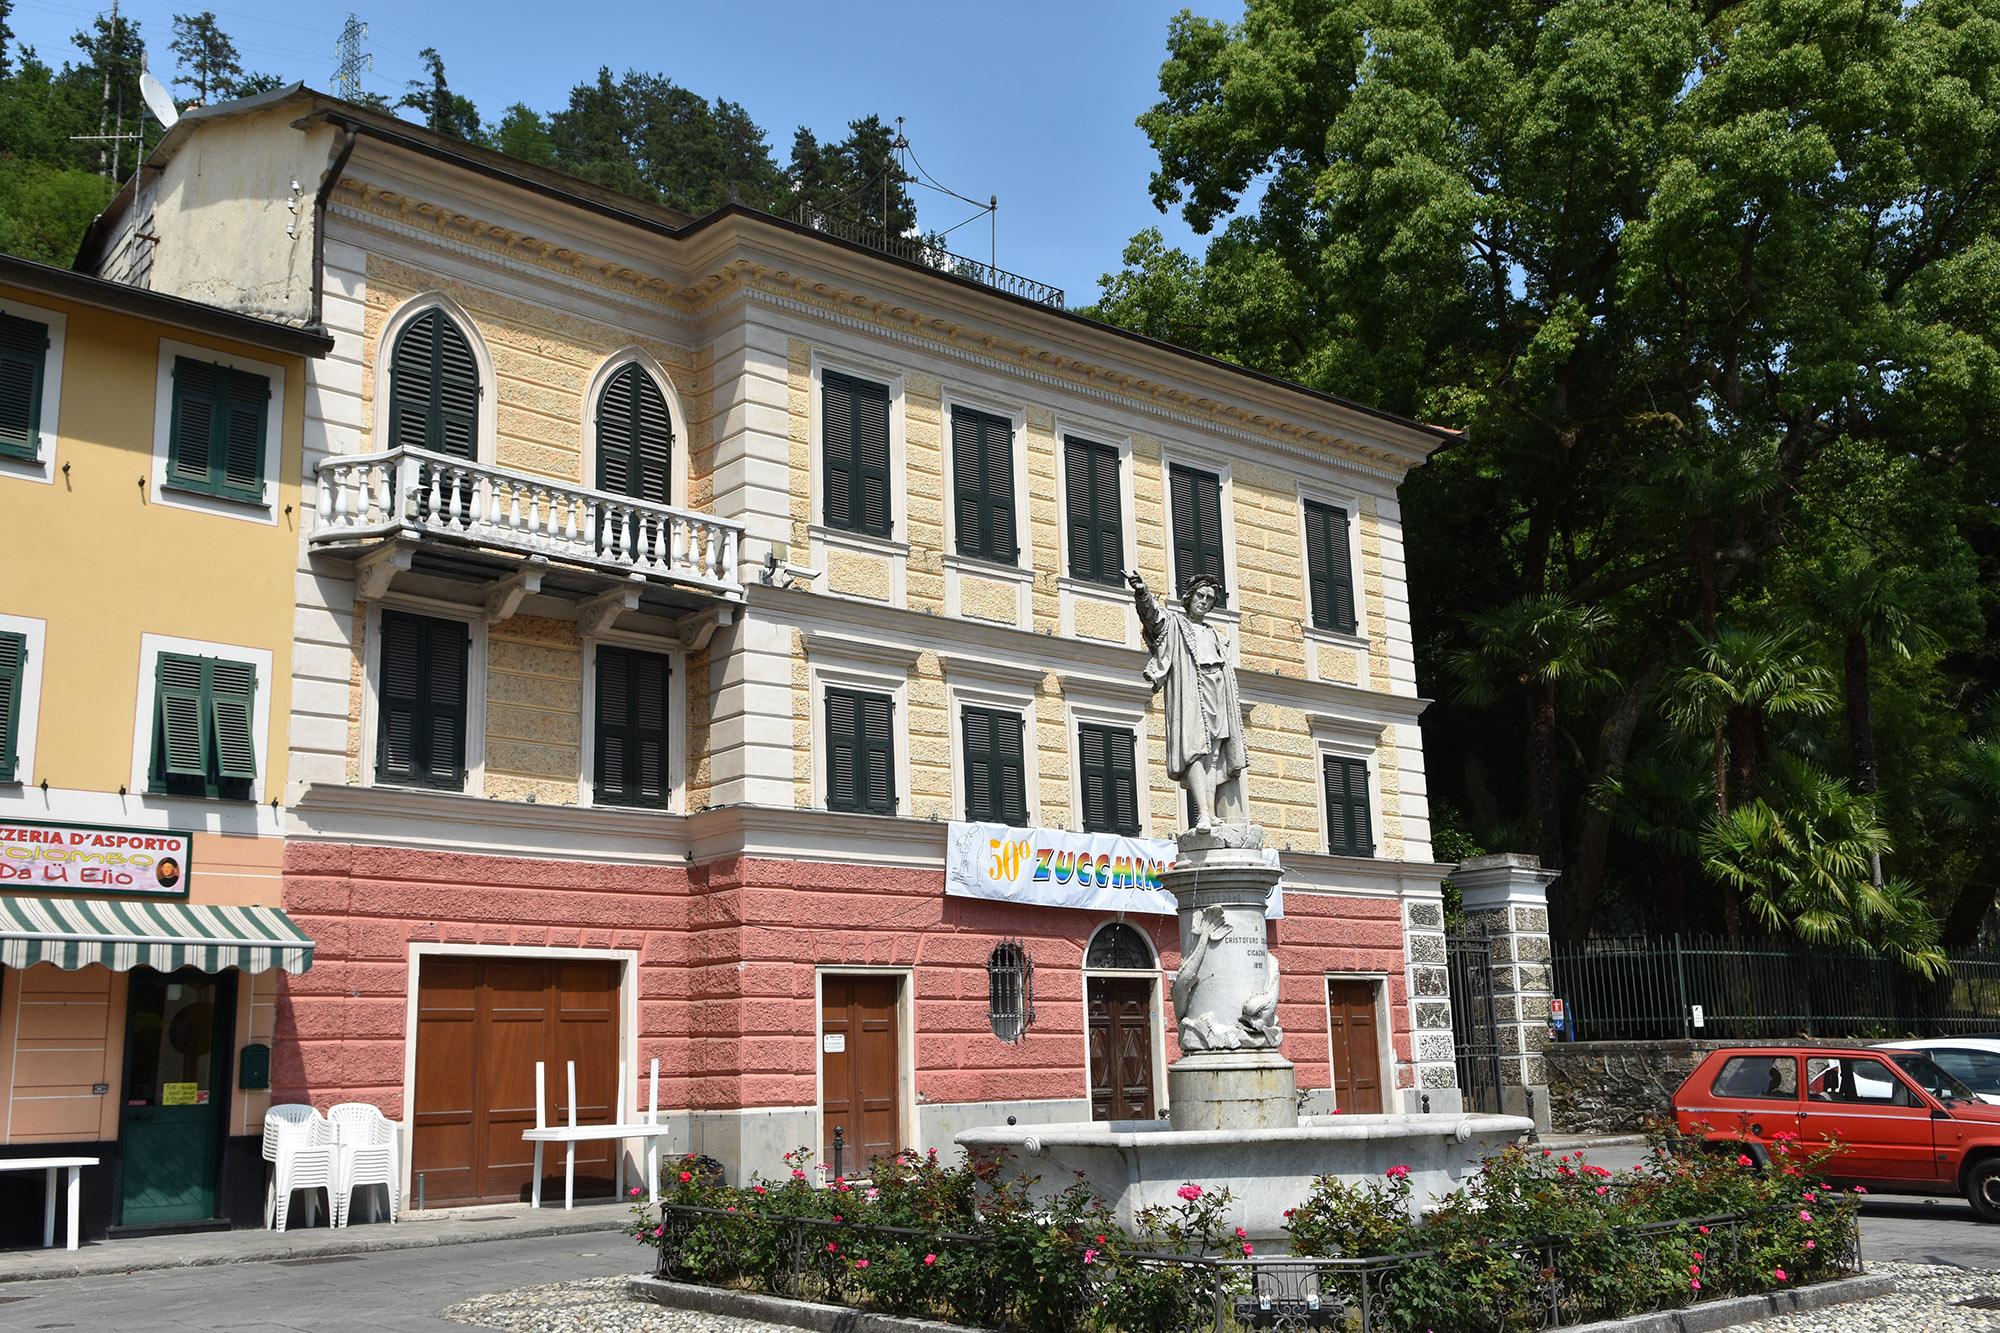 La villa che ospita il museo